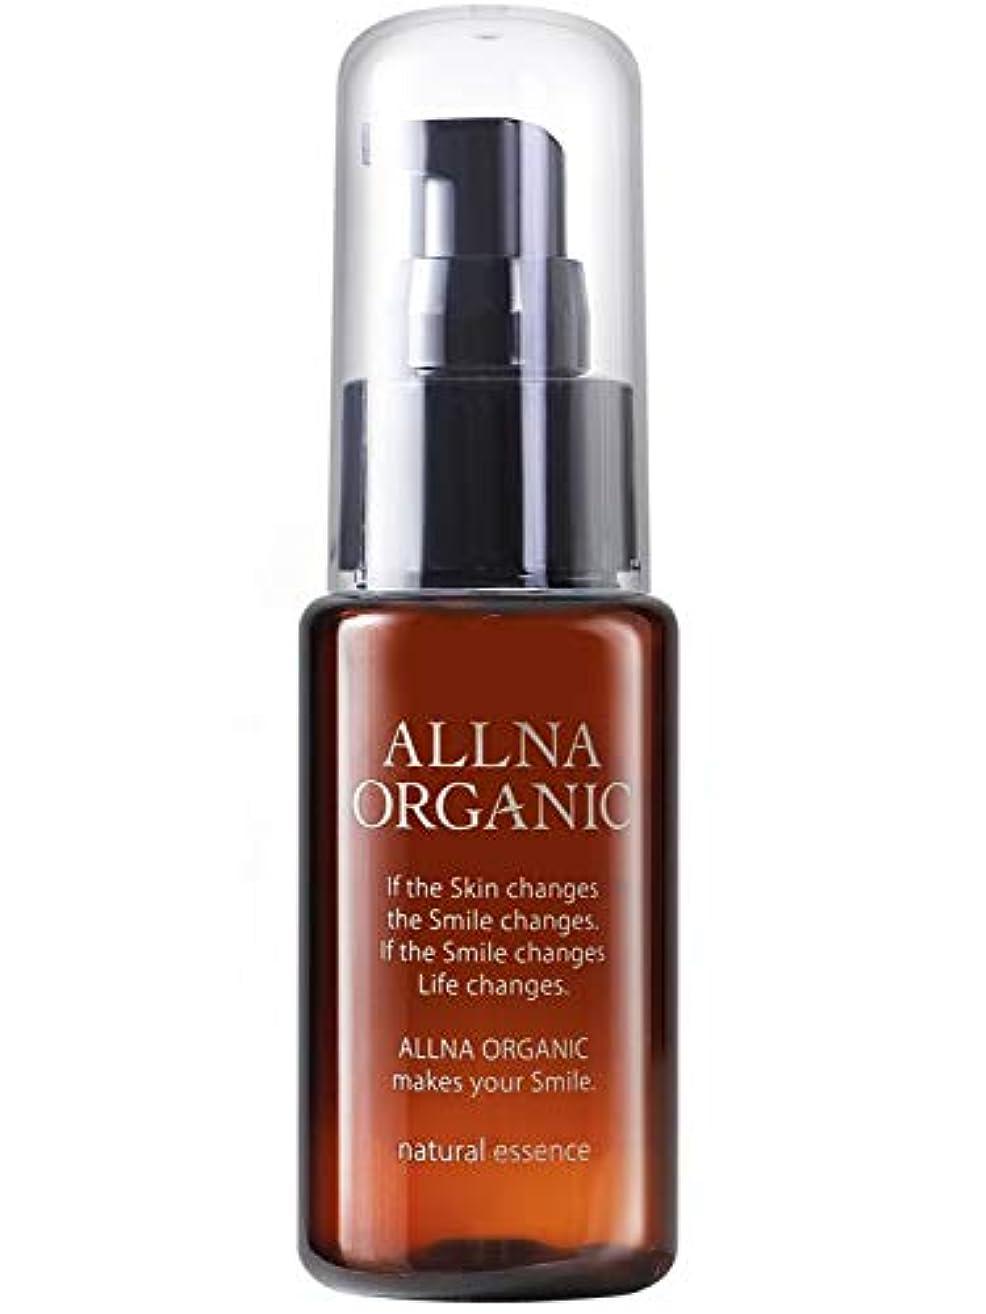 控えめな物理的に永久にオルナ オーガニック 美容液 「 くすみ 対策用 」「 コラーゲン 3種 + ヒアルロン酸 4種 + ビタミンC 4種 + セラミド 配合」47ml